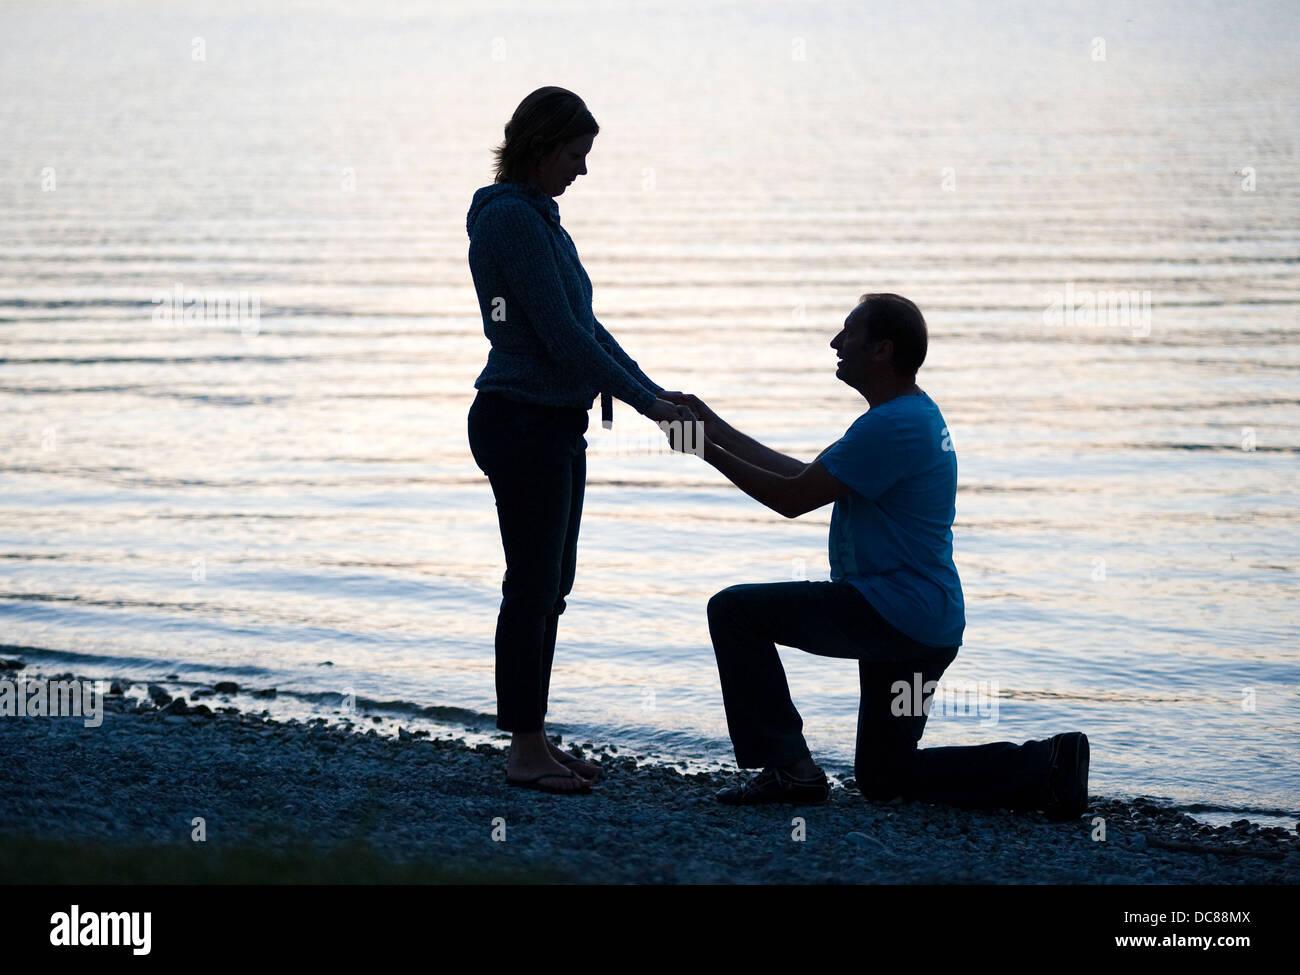 Un hombre está haciendo una propuesta de matrimonio a su novia Imagen De Stock